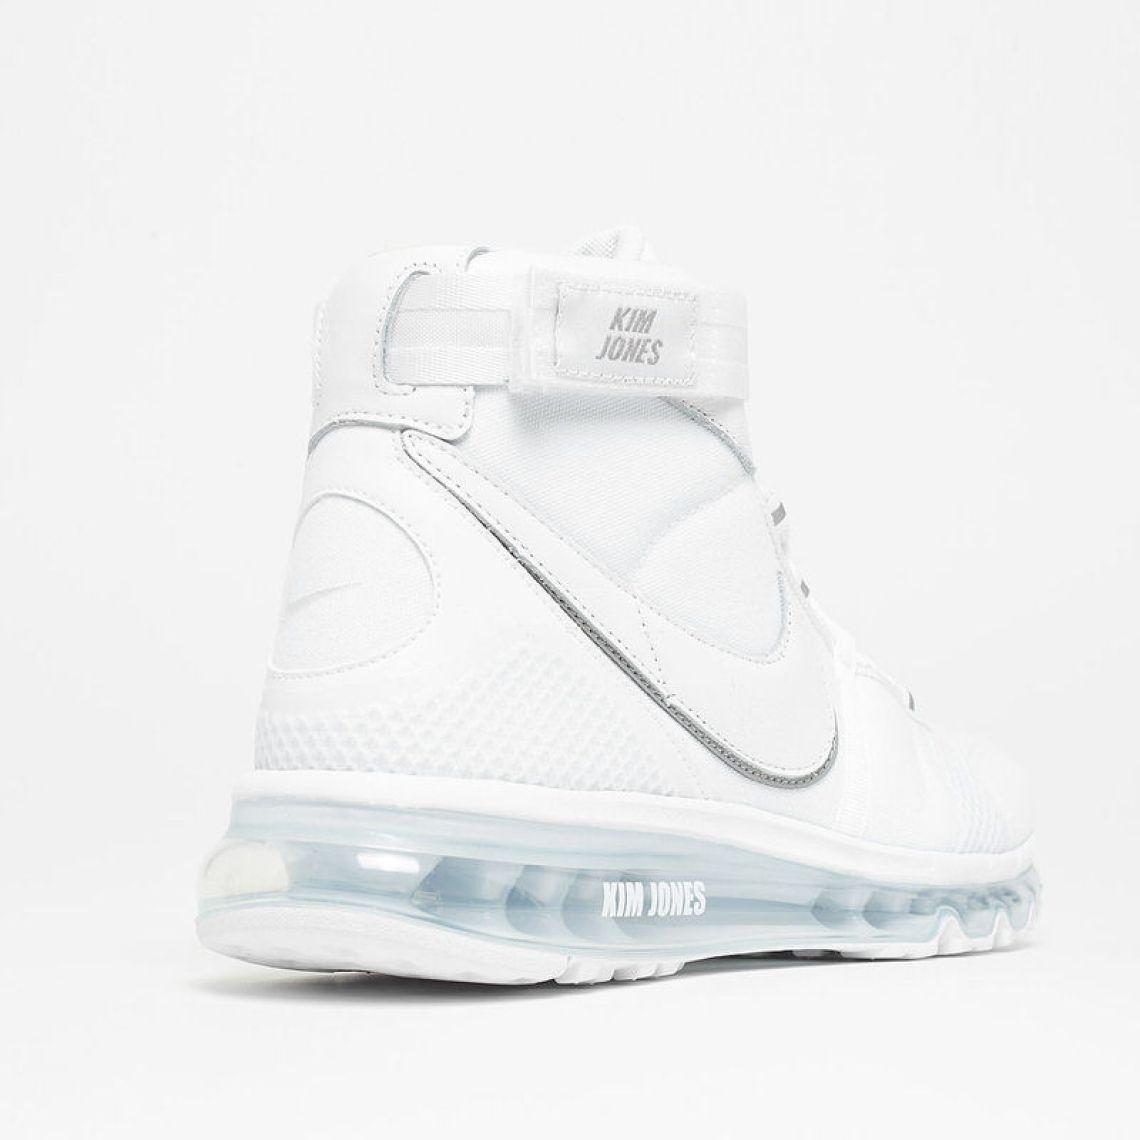 3872189395 Kim Jones x Nike Air Max 360 Hi Release Date | Nice Kicks